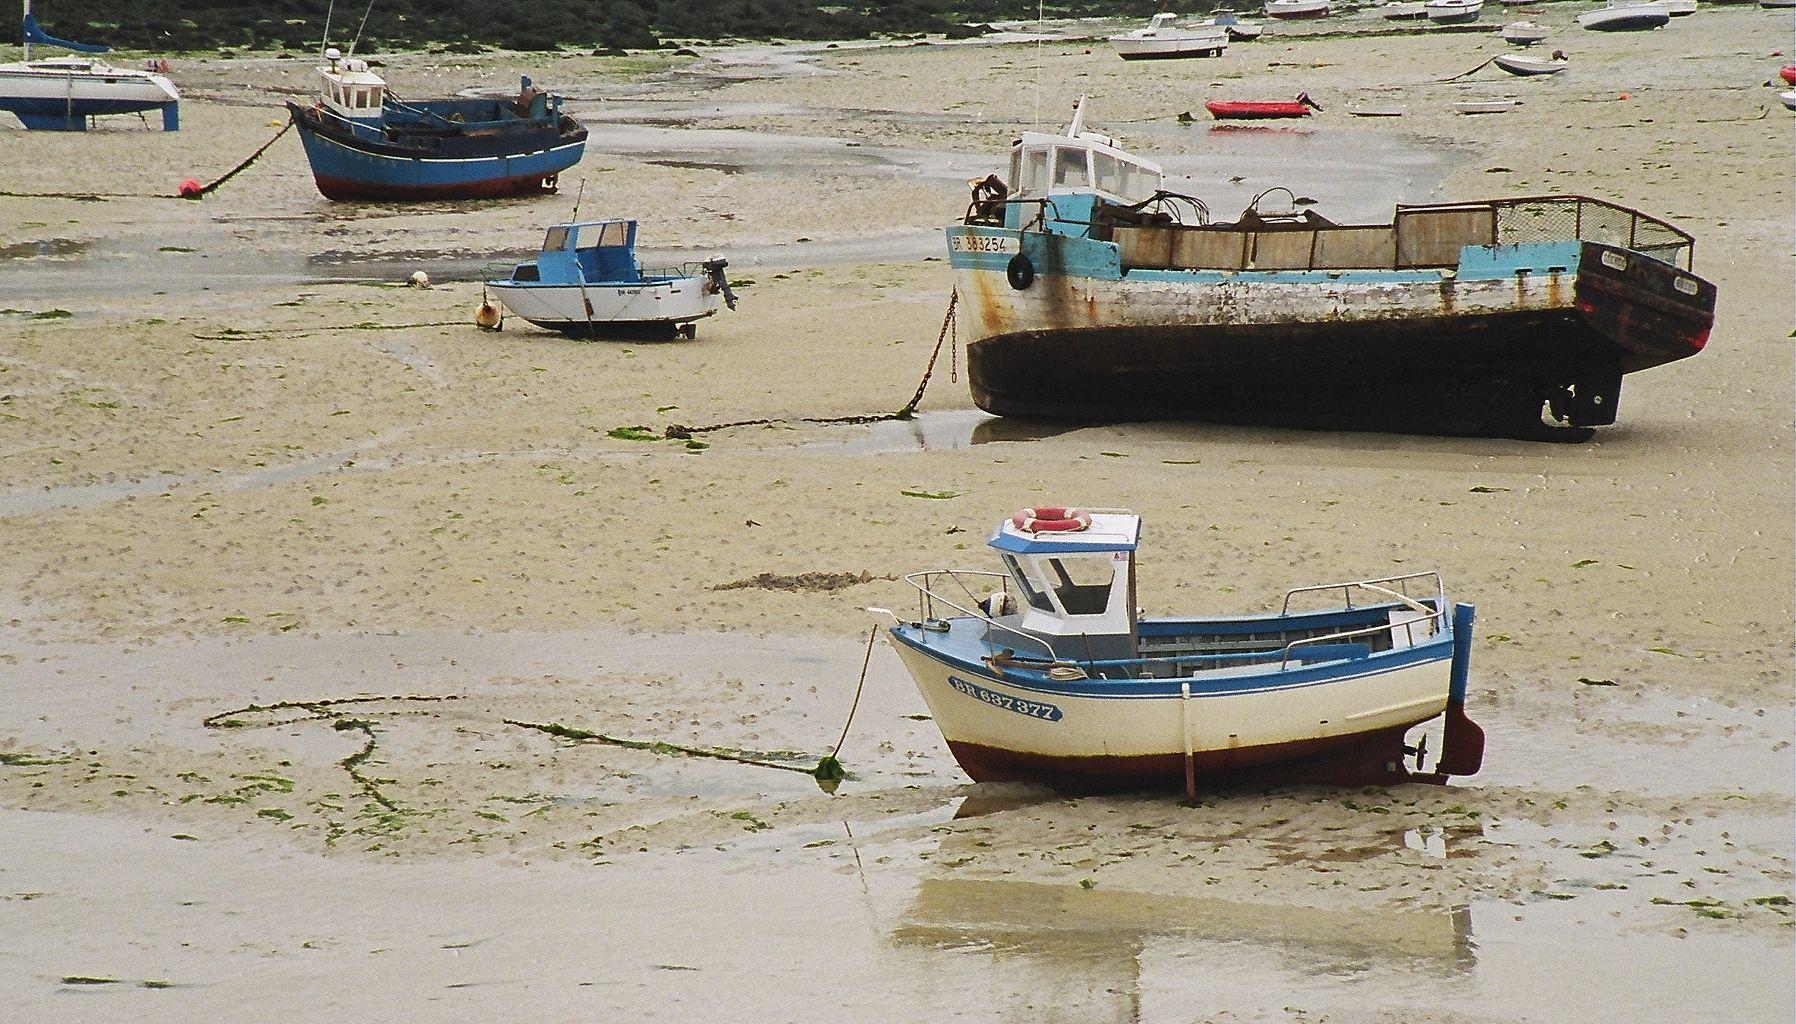 Portsall harbour low tide (near Brest, France)